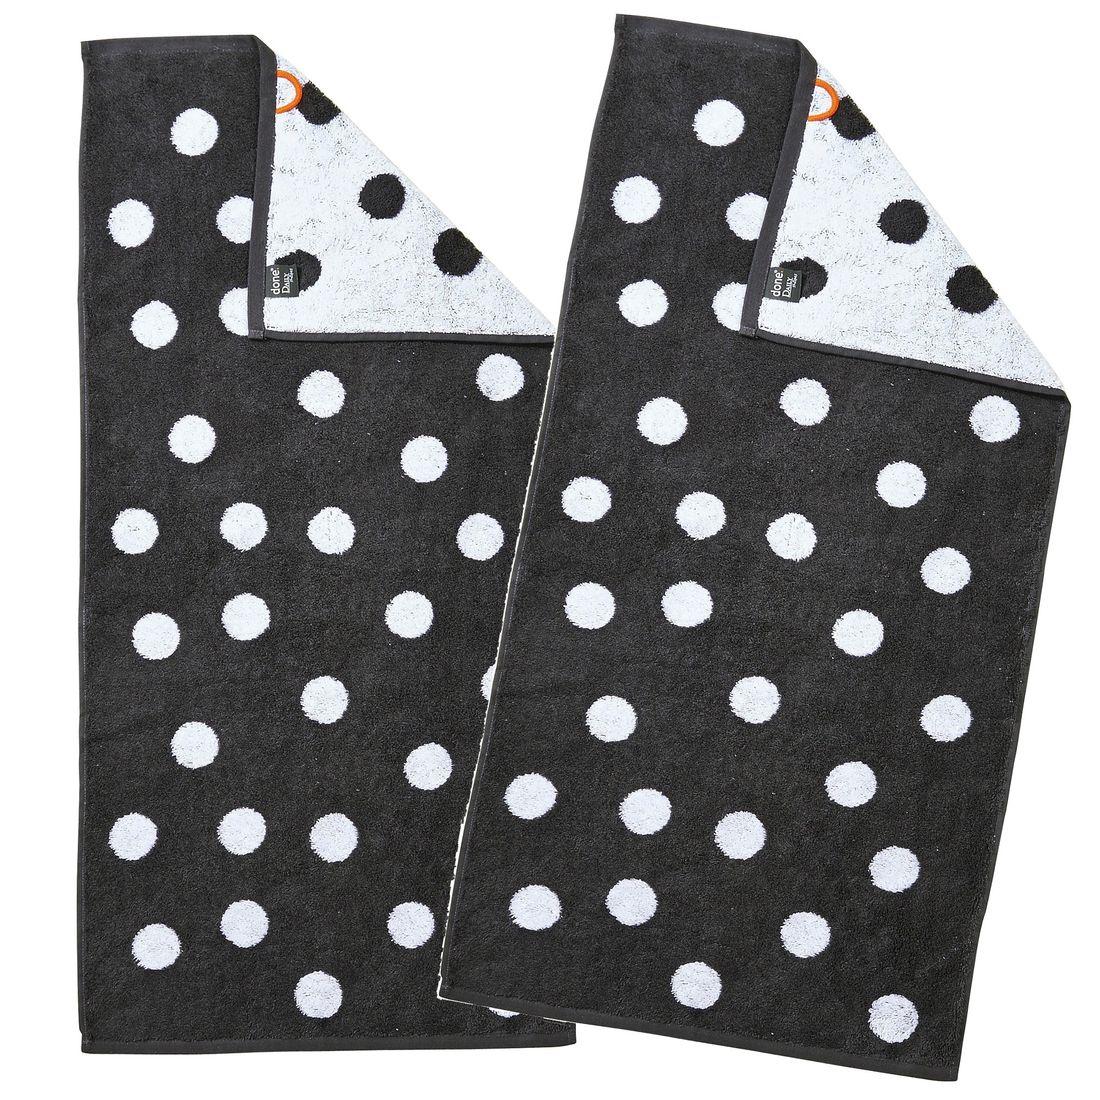 739f1b9d65 Handtücher Daily-Shapes-Dots im Doppelpack - Frottee-Tuch mit Punkten -  100% Baumwolle - Schwarz, Anthrazit, Grau / Weiß